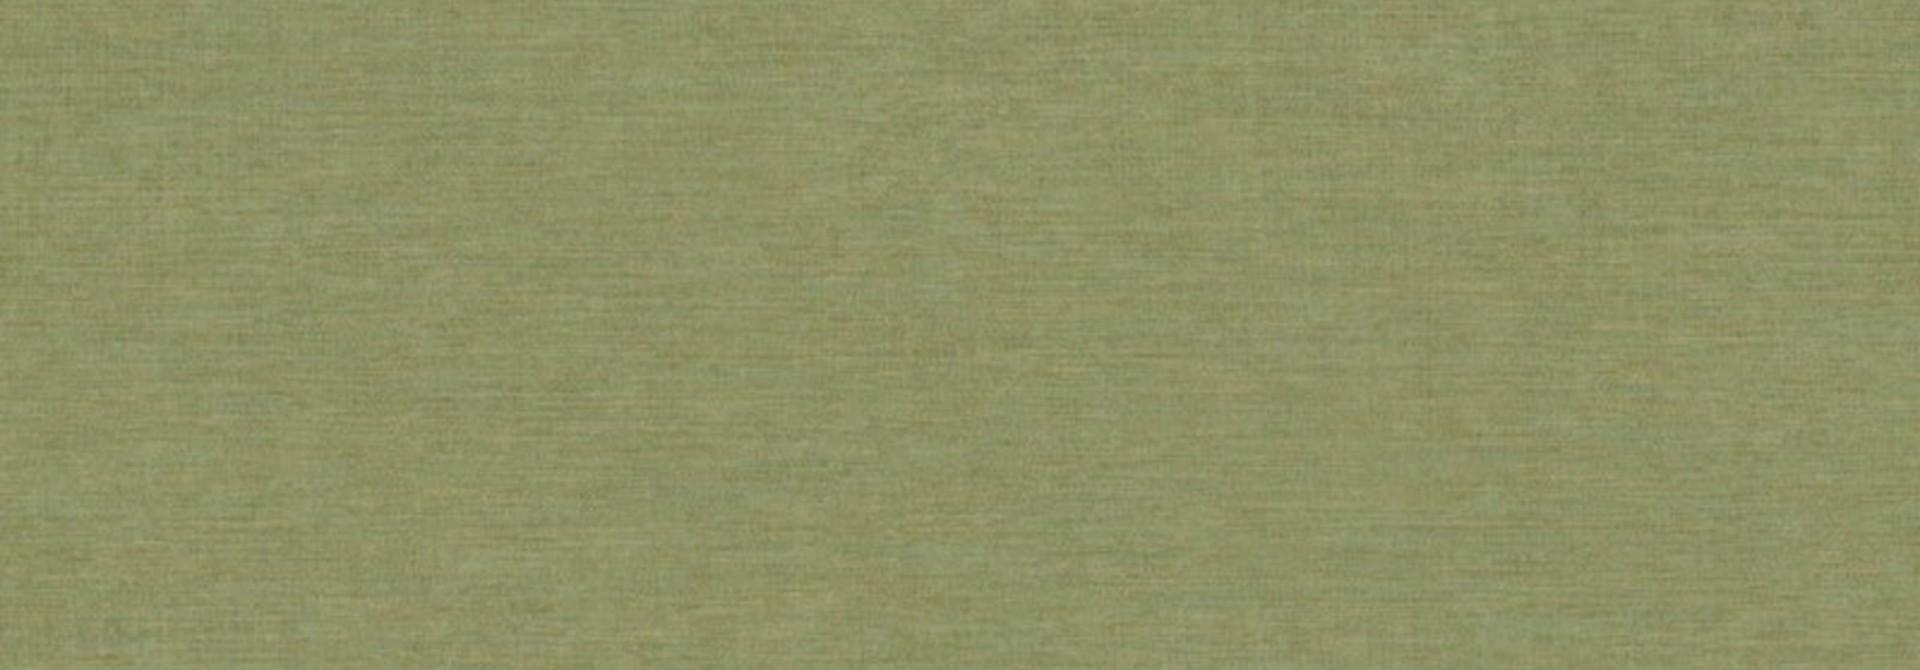 Behang 5060